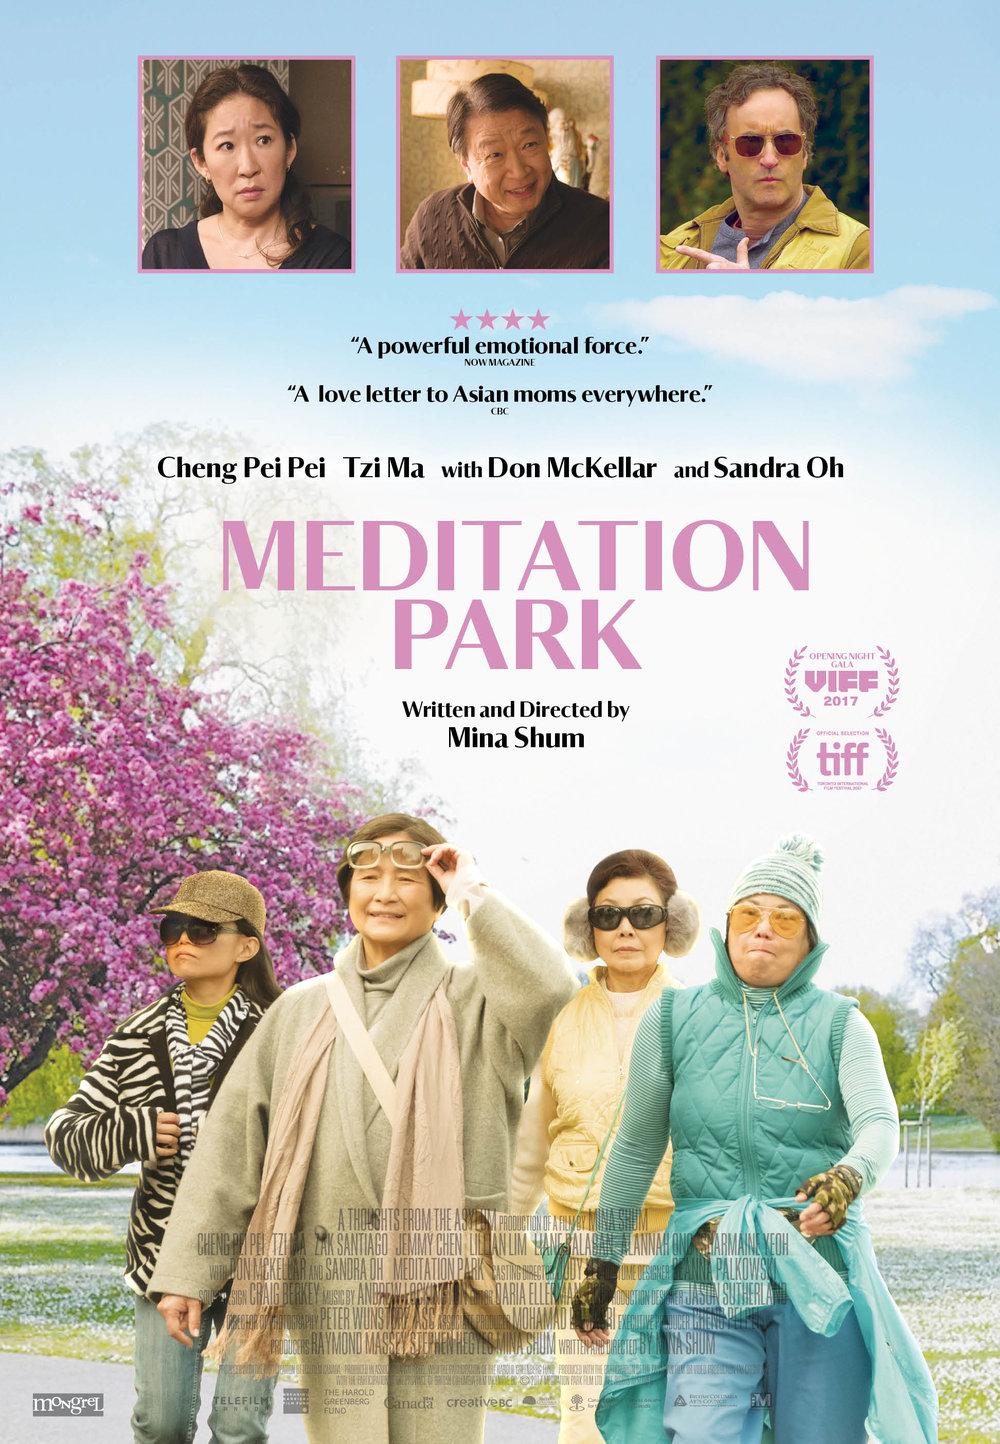 唐人街電影夜和文化市集 - 唐人街電影夜來了!來與鄰居見面、放鬆並免費享受此次《沉思公園》(Meditation Park)家庭友善的放映。《沉思公園》是一部由著名加拿大製片人沈小艾(Mina Shum)指導,在溫哥華東區和唐人街拍攝的電影,並且講述了一位亞裔加拿大女性自我發現旅程的迷人故事。一定要早點來享受這些文化娛樂、活動及美食等精彩事項!日期:9月1日星期六晚上6時活動開始 、晚上8點半電影開始。晴雨無阻。地點:中山公園外院 (片打東街五十號)主辦方:今日唐人街與溫哥華亞洲電影節了解詳情 ➝